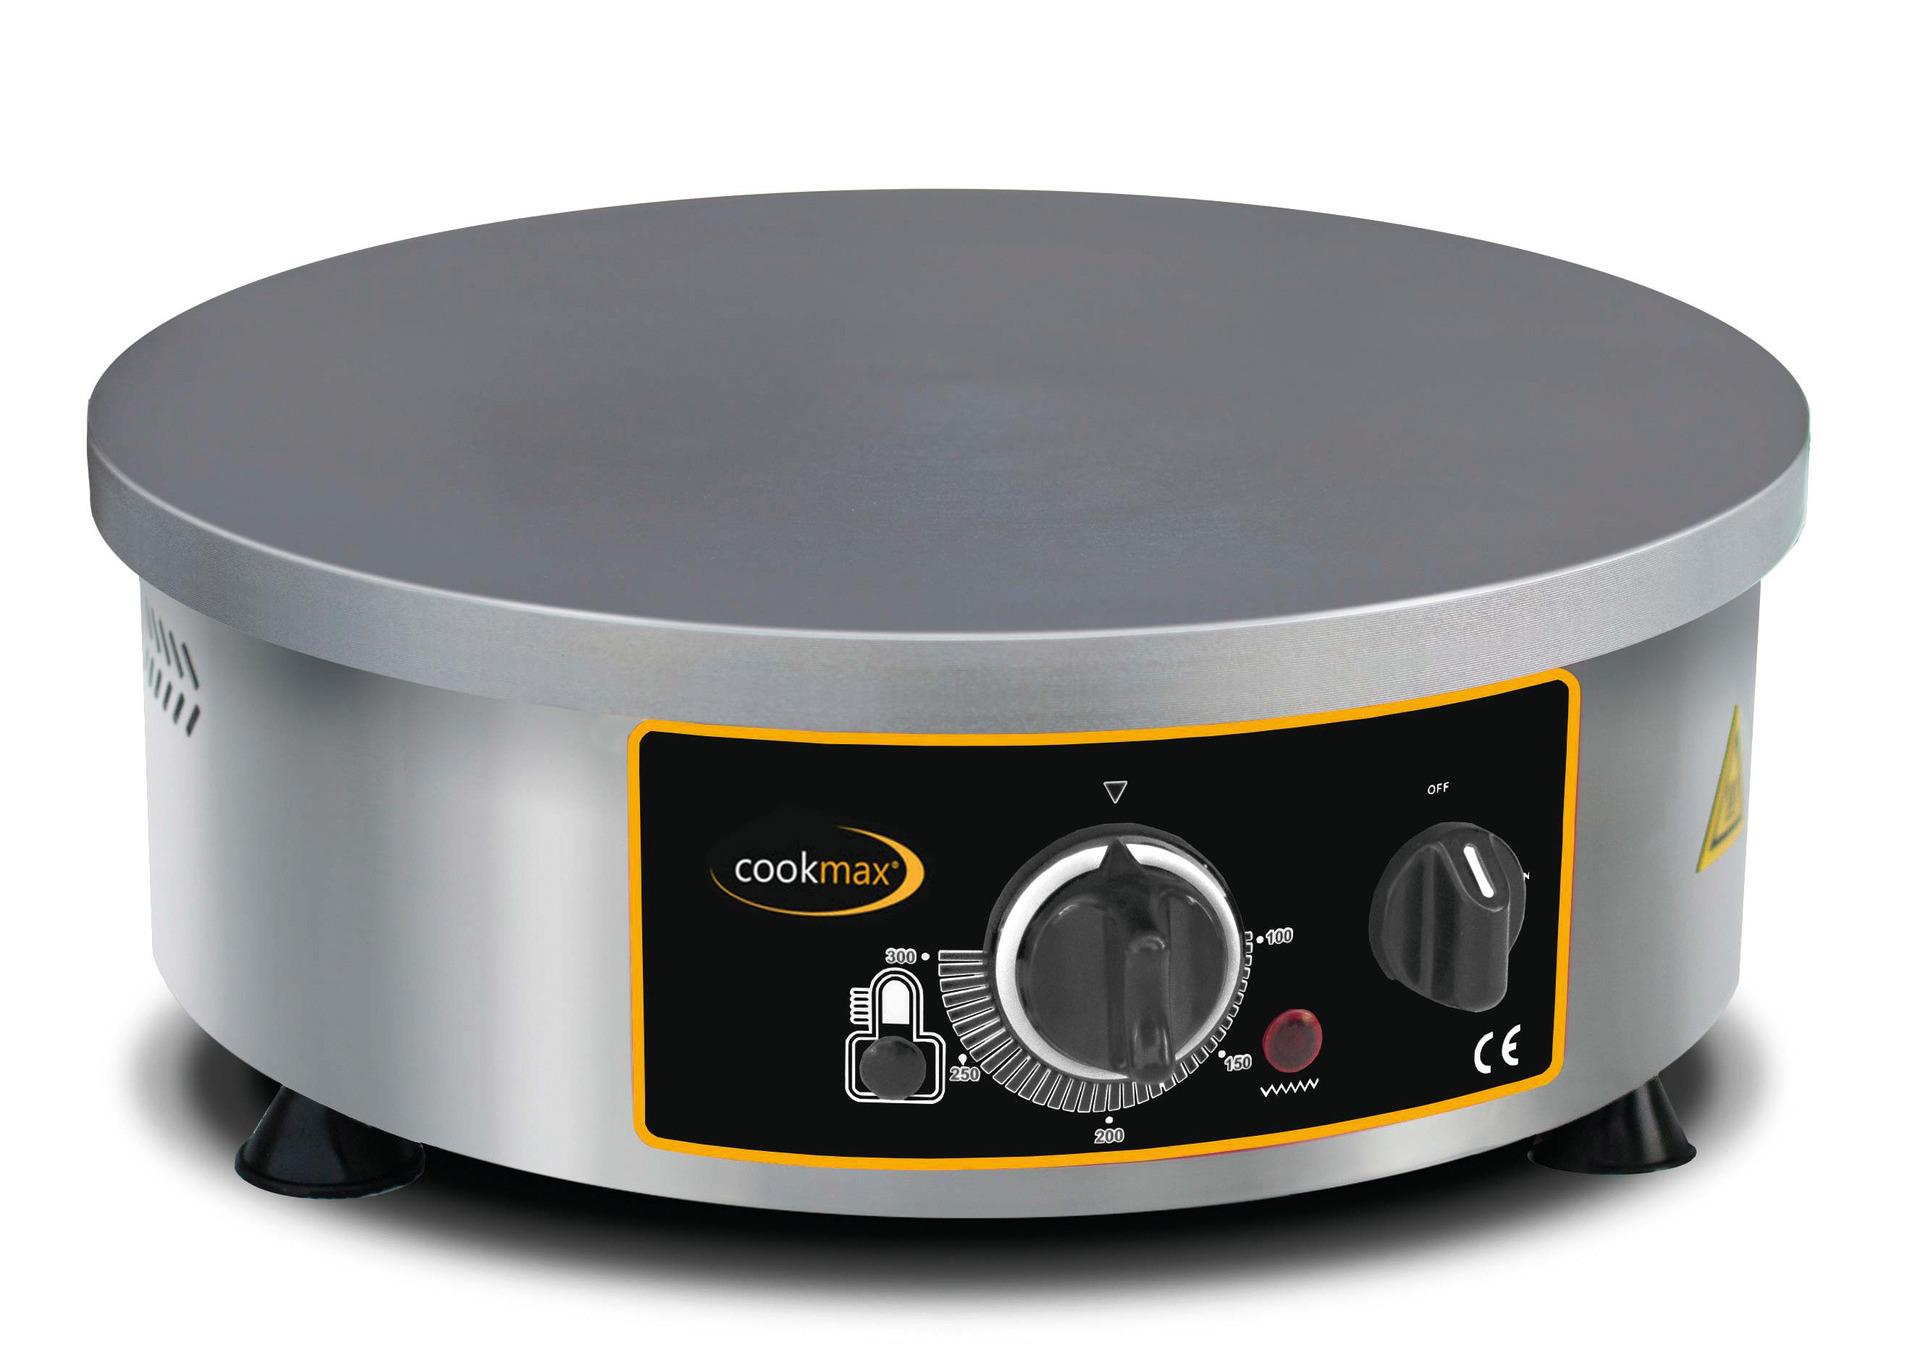 Elektro-Crepiere rund 1 Backfläche ø 400 mm / 400 x 400 x 150 mm